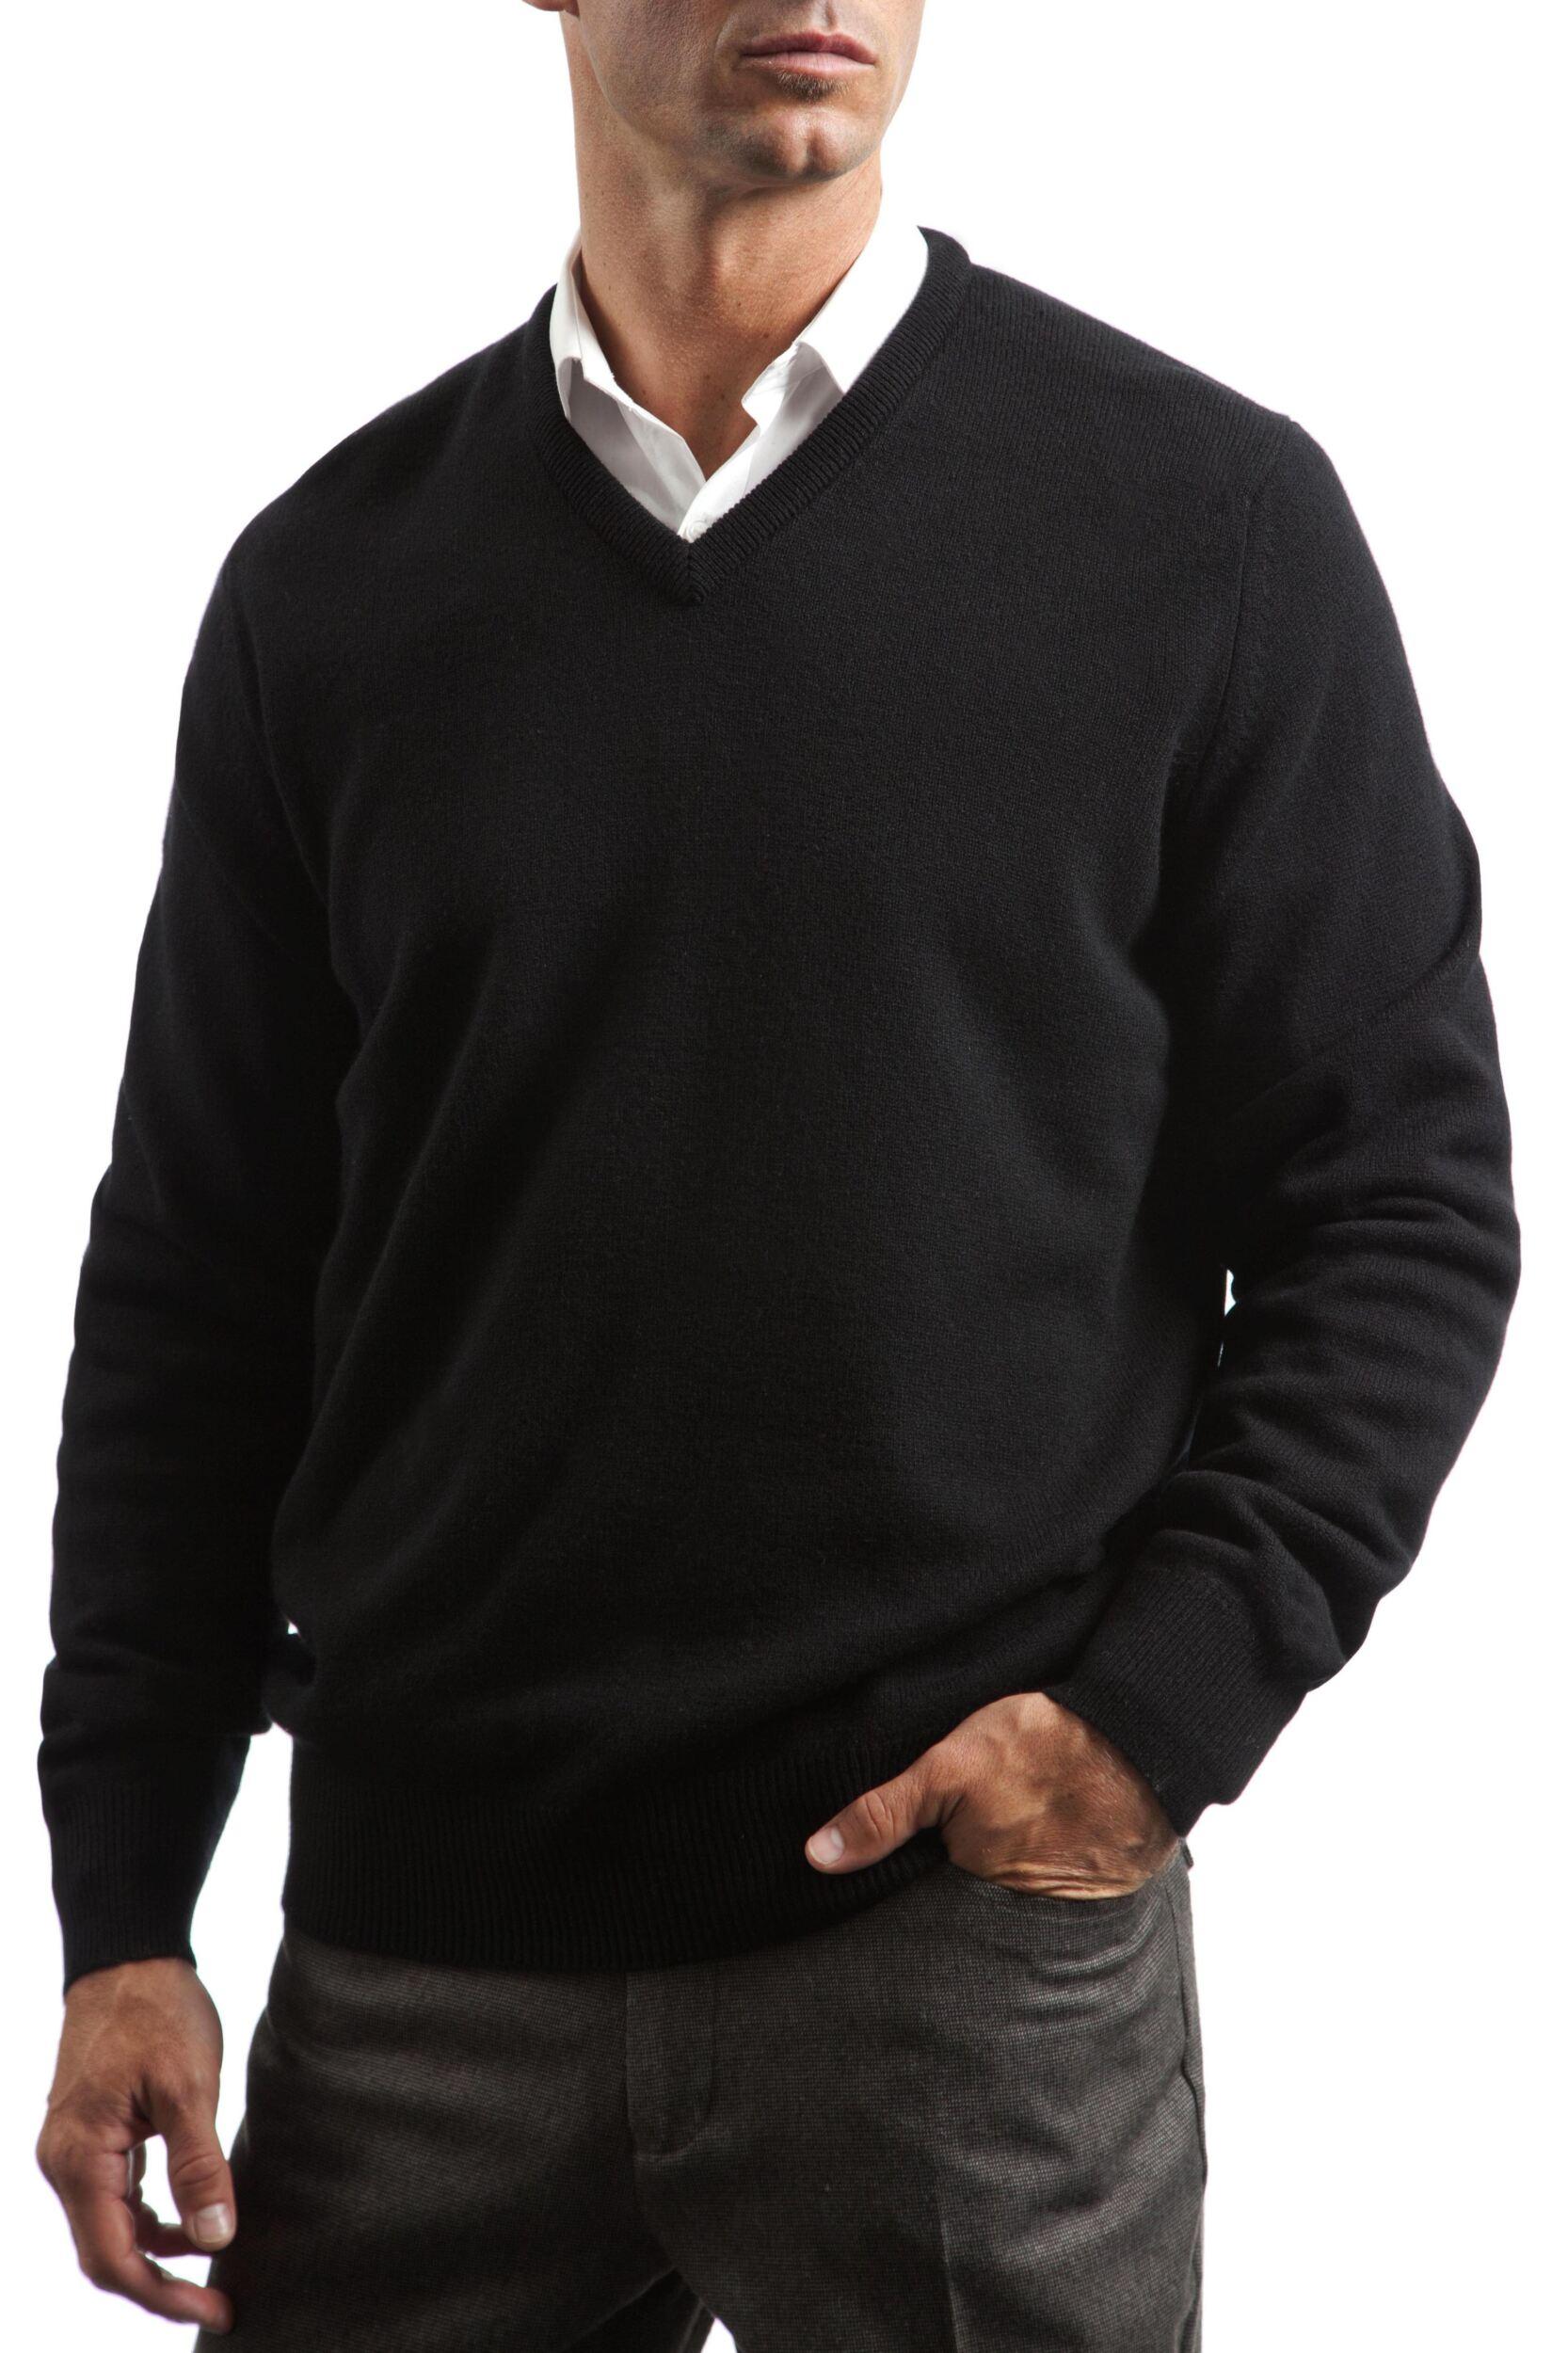 Paolo Fumagalli  -  Pullover - Uomo - - Giallo - Uomo 4158728A184504 27b28e